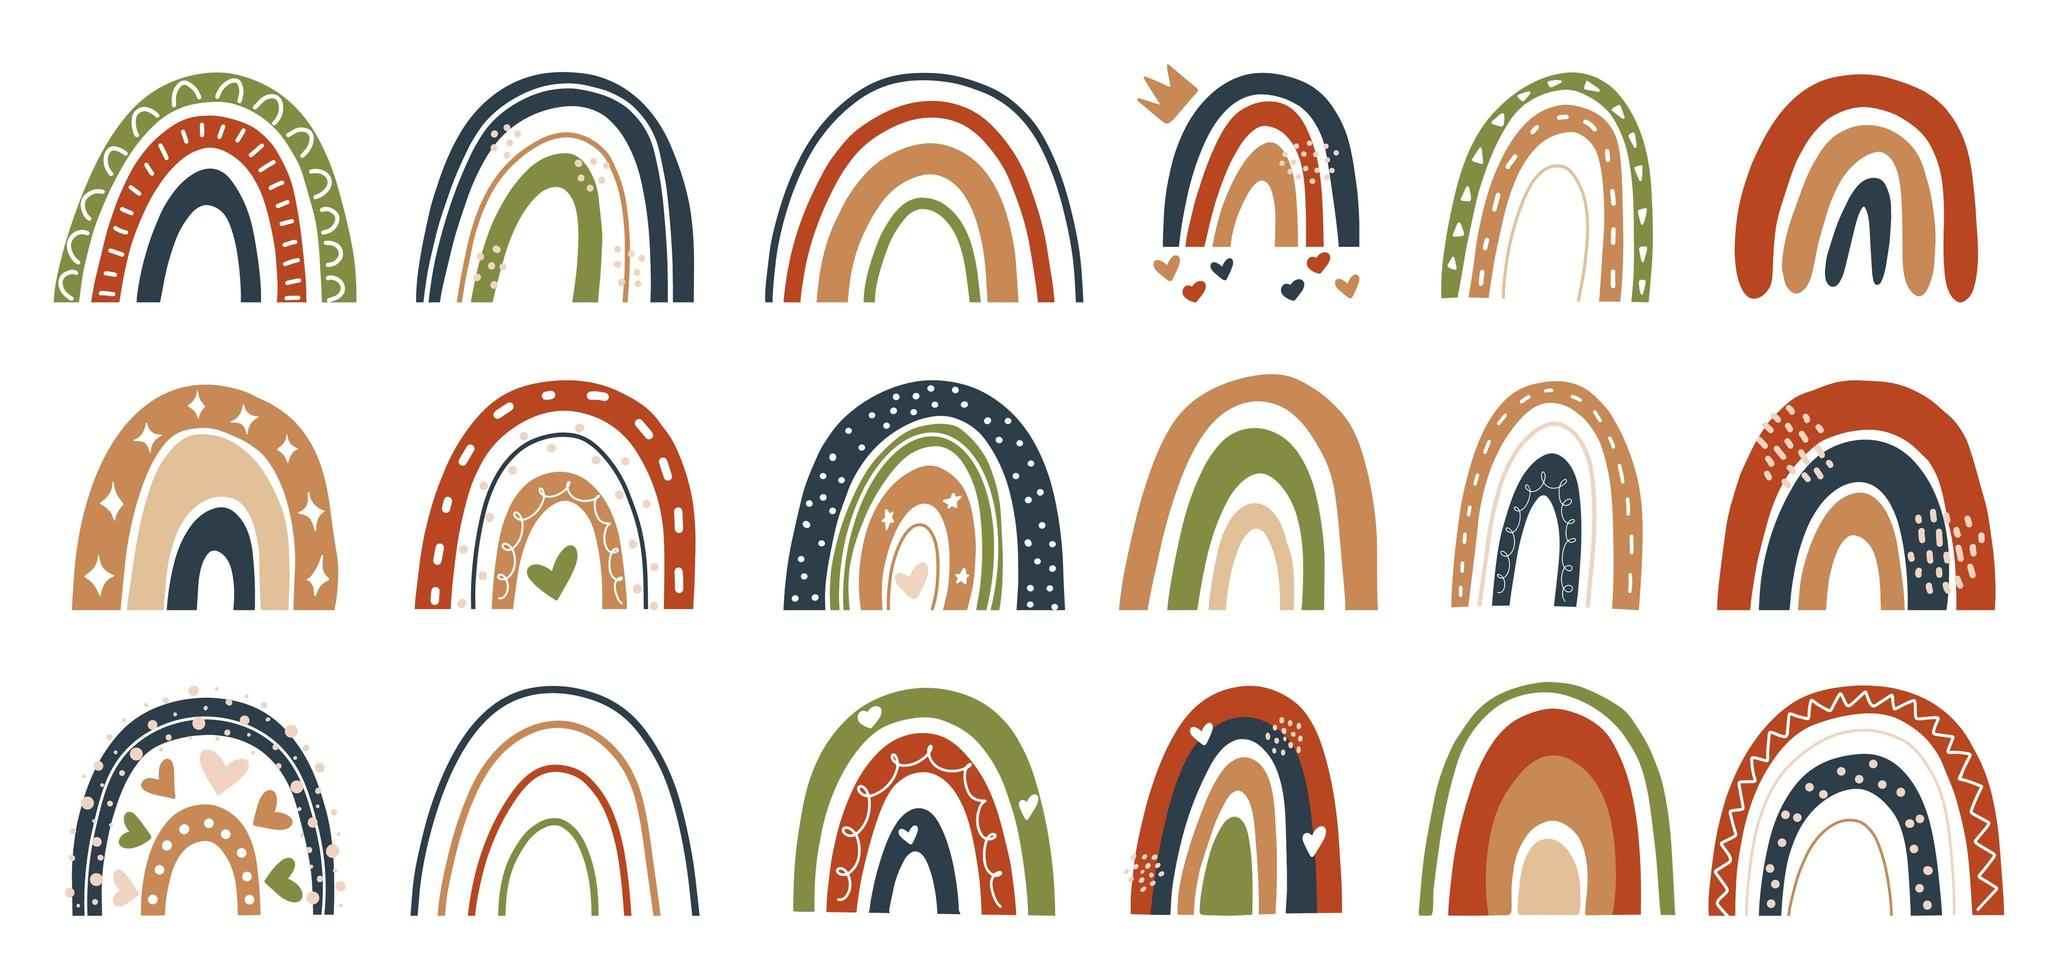 estilo escandinavo mão desenhada arco-íris marrom, vermelho, verde, vetor